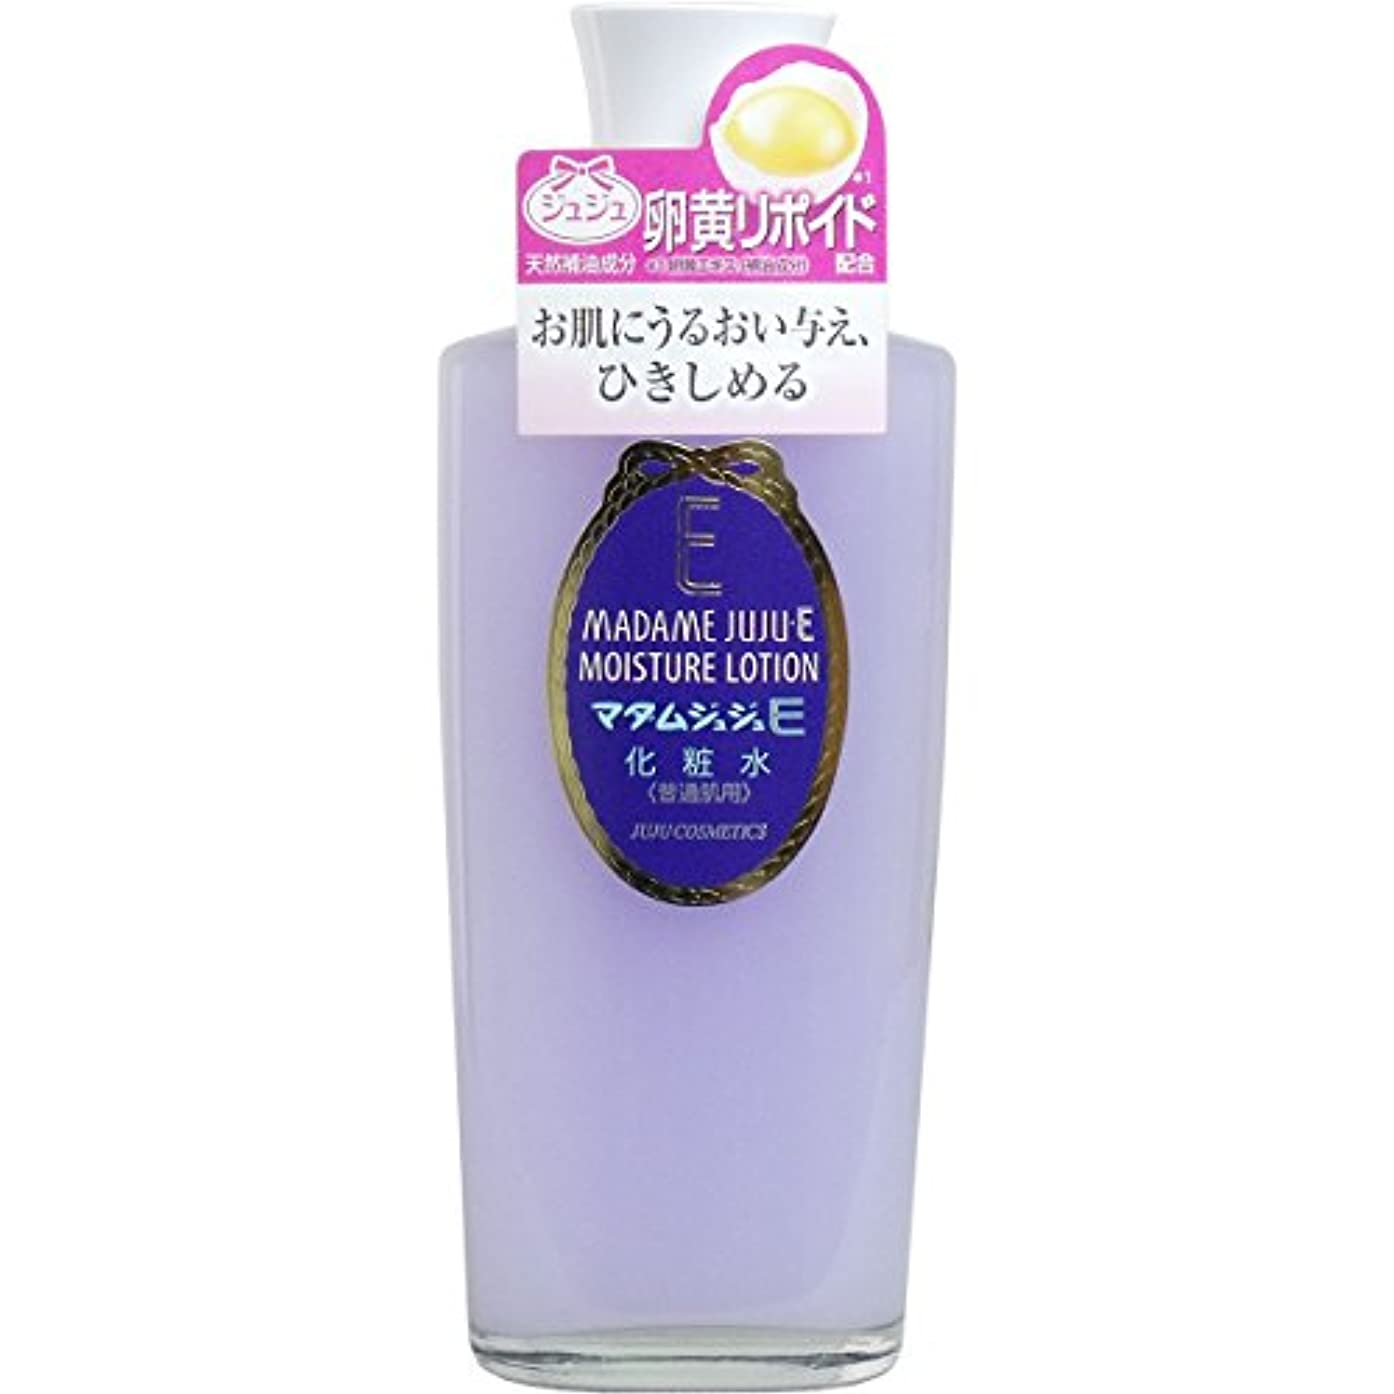 【ジュジュ化粧品】マダムジュジュE 化粧水 150ml